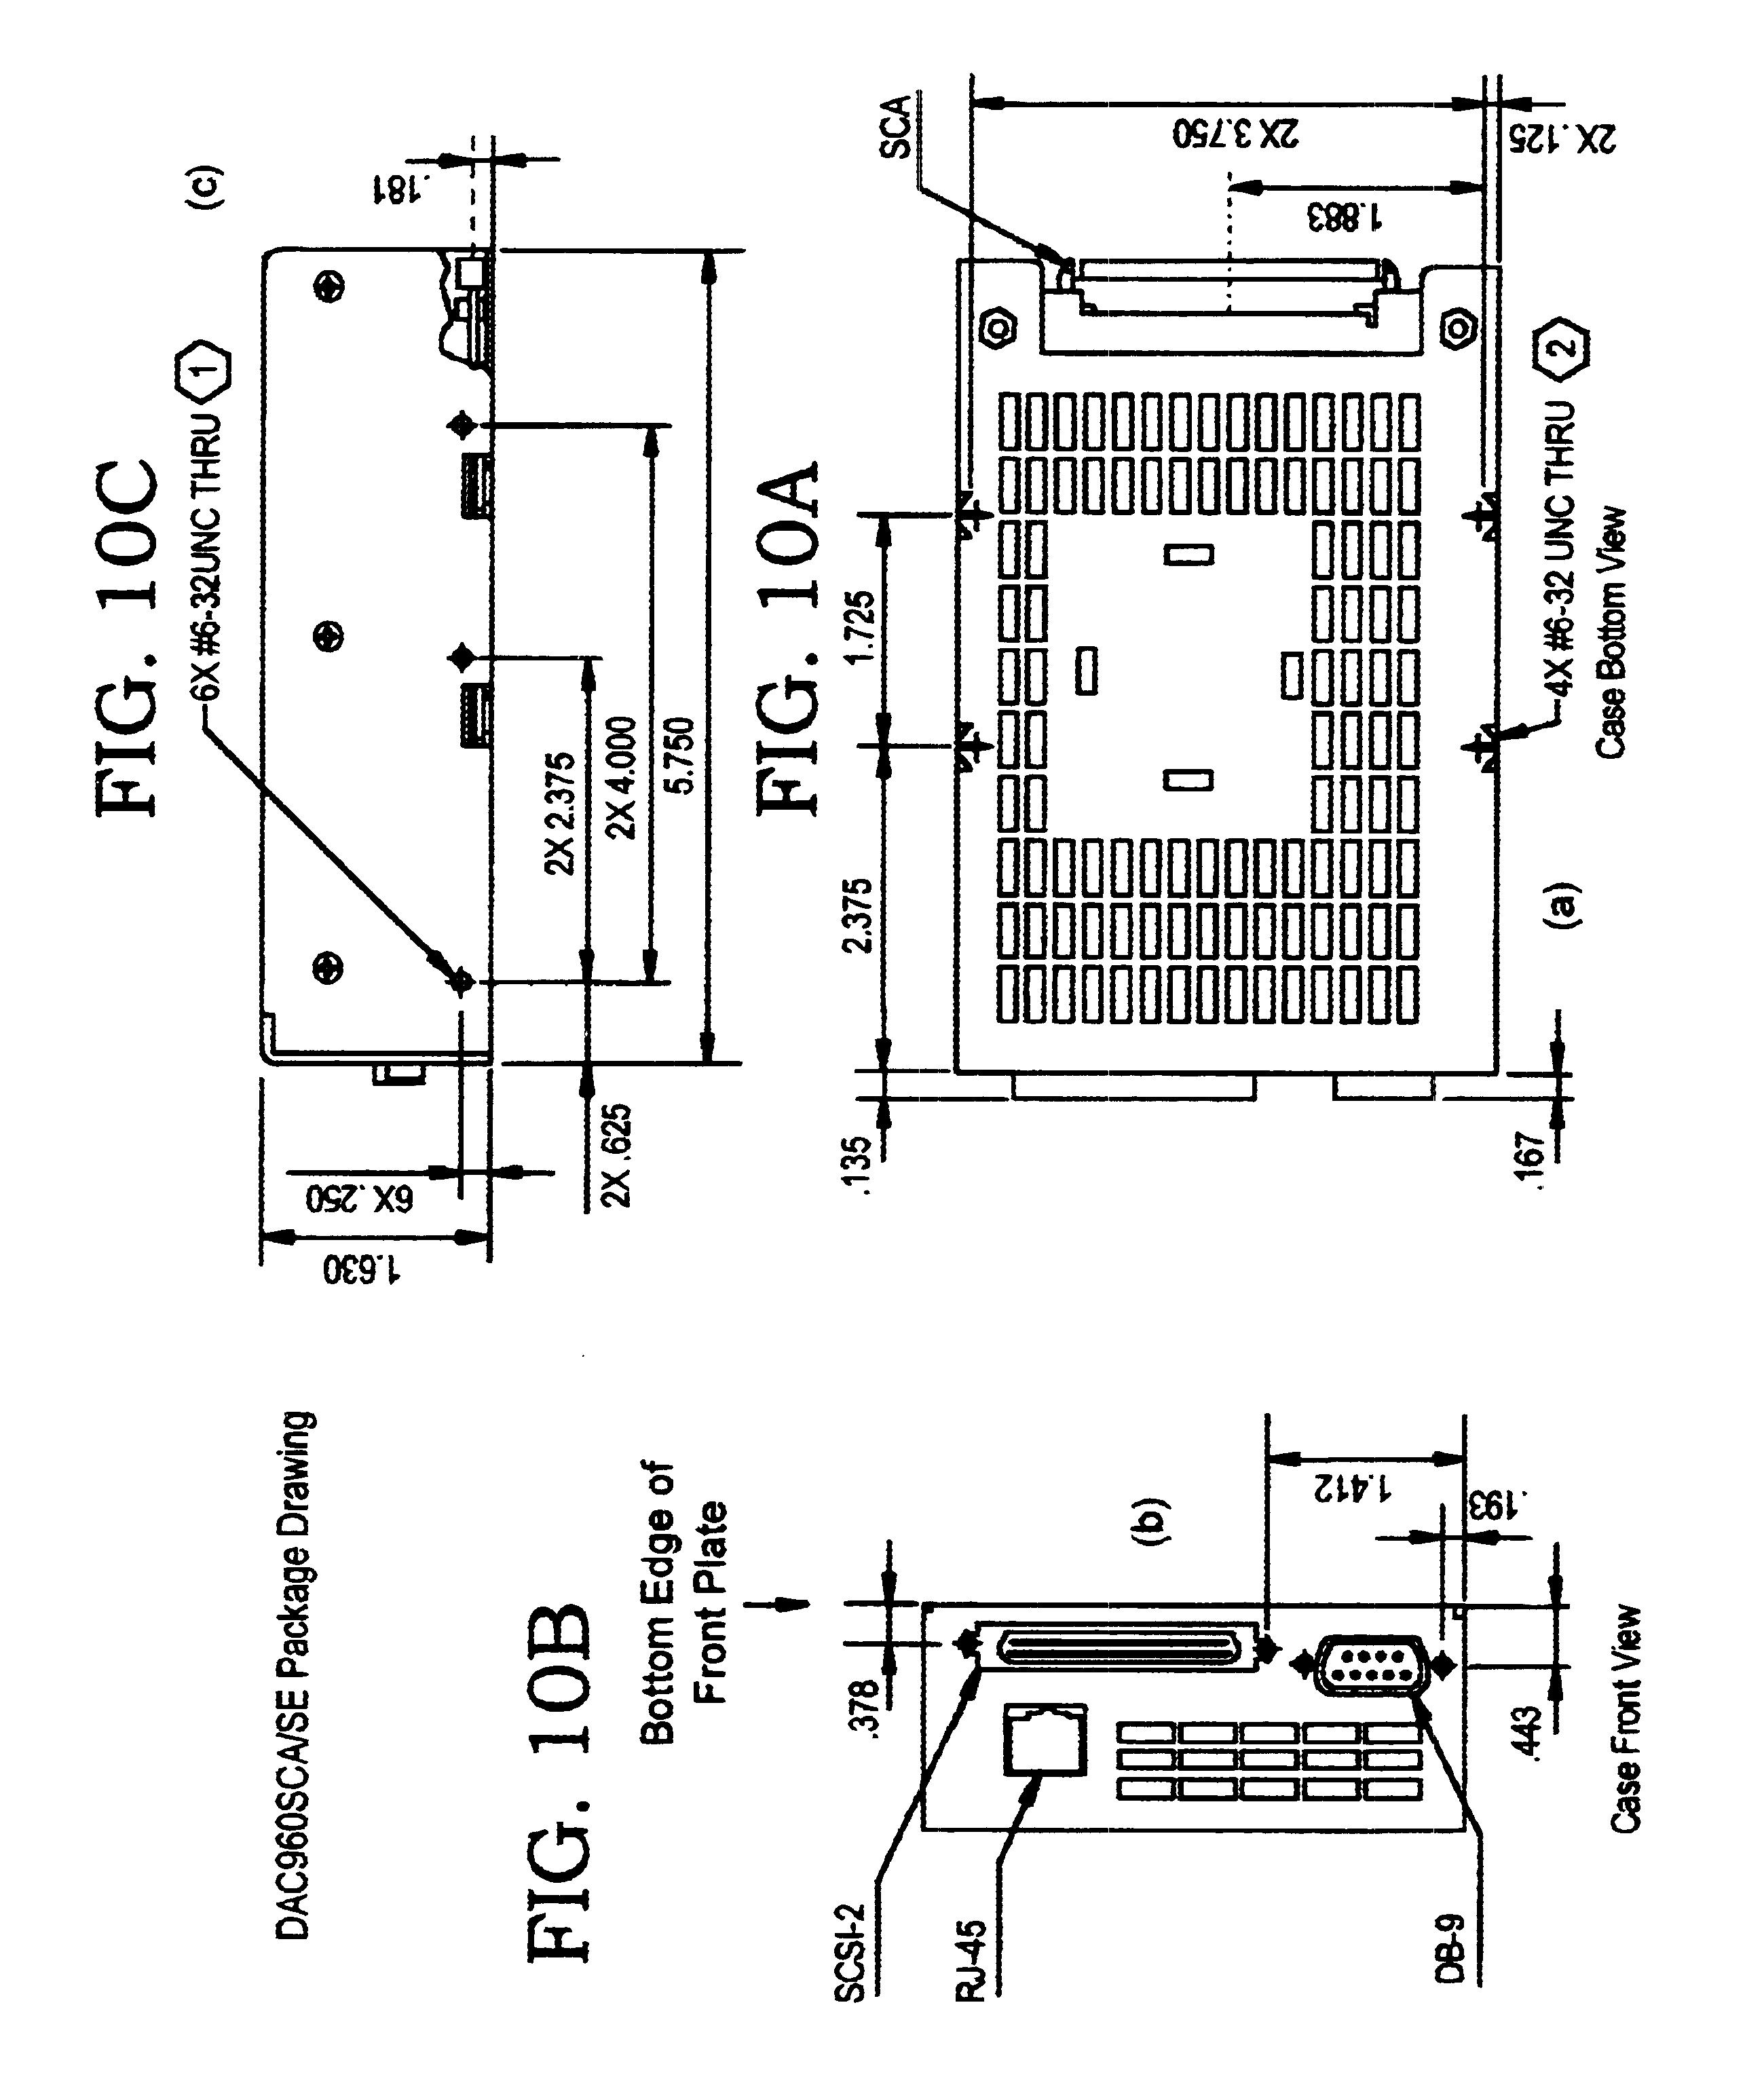 Sy 4917  Rs485 Db9 4 Wiring Diagram Free Diagram